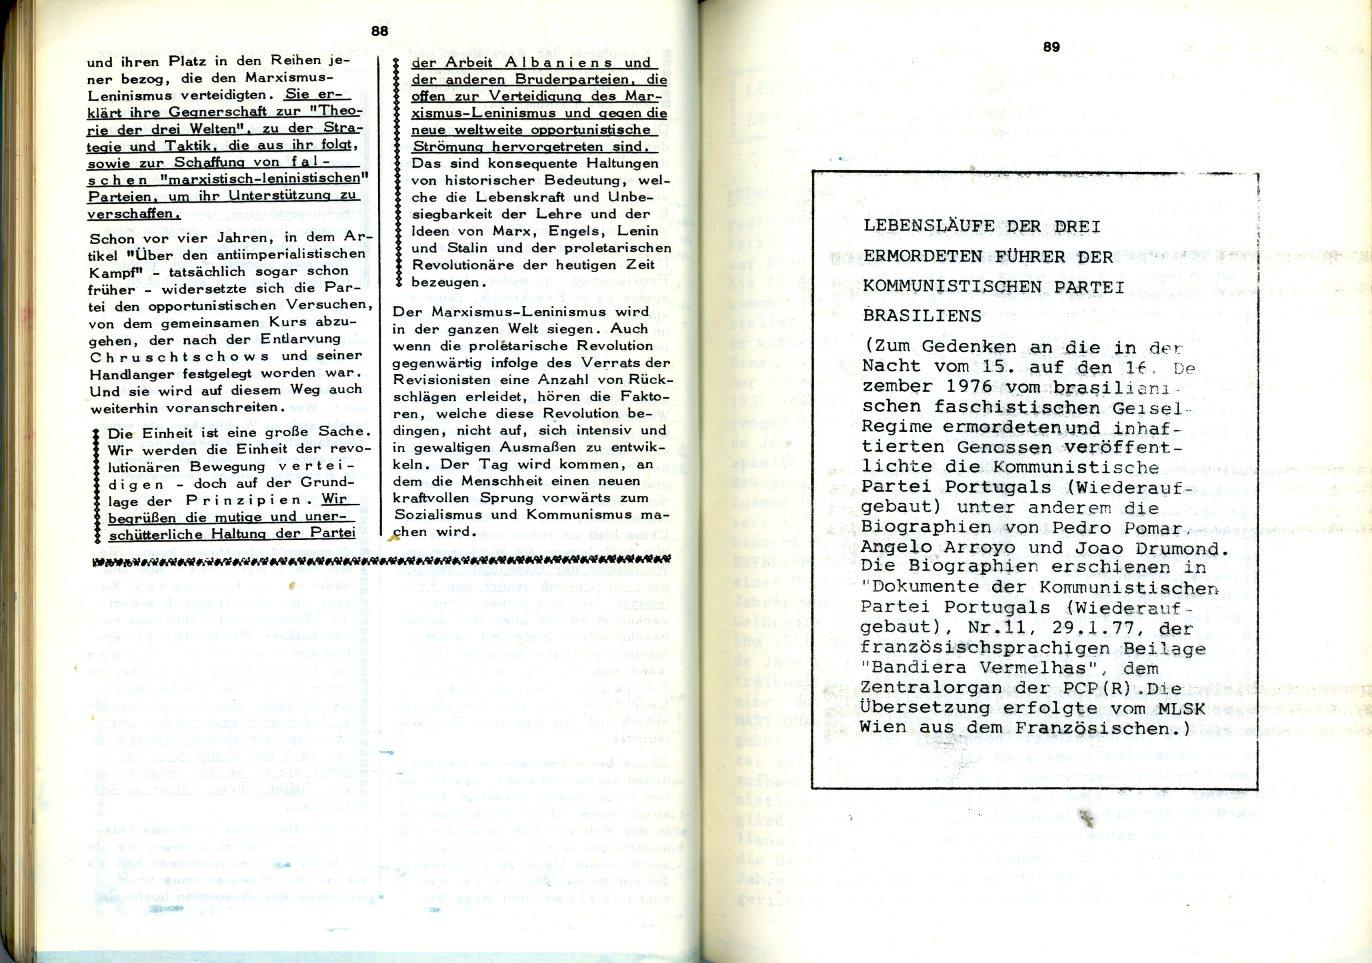 MLSK_Theorie_und_Praxis_des_ML_1978_20_53